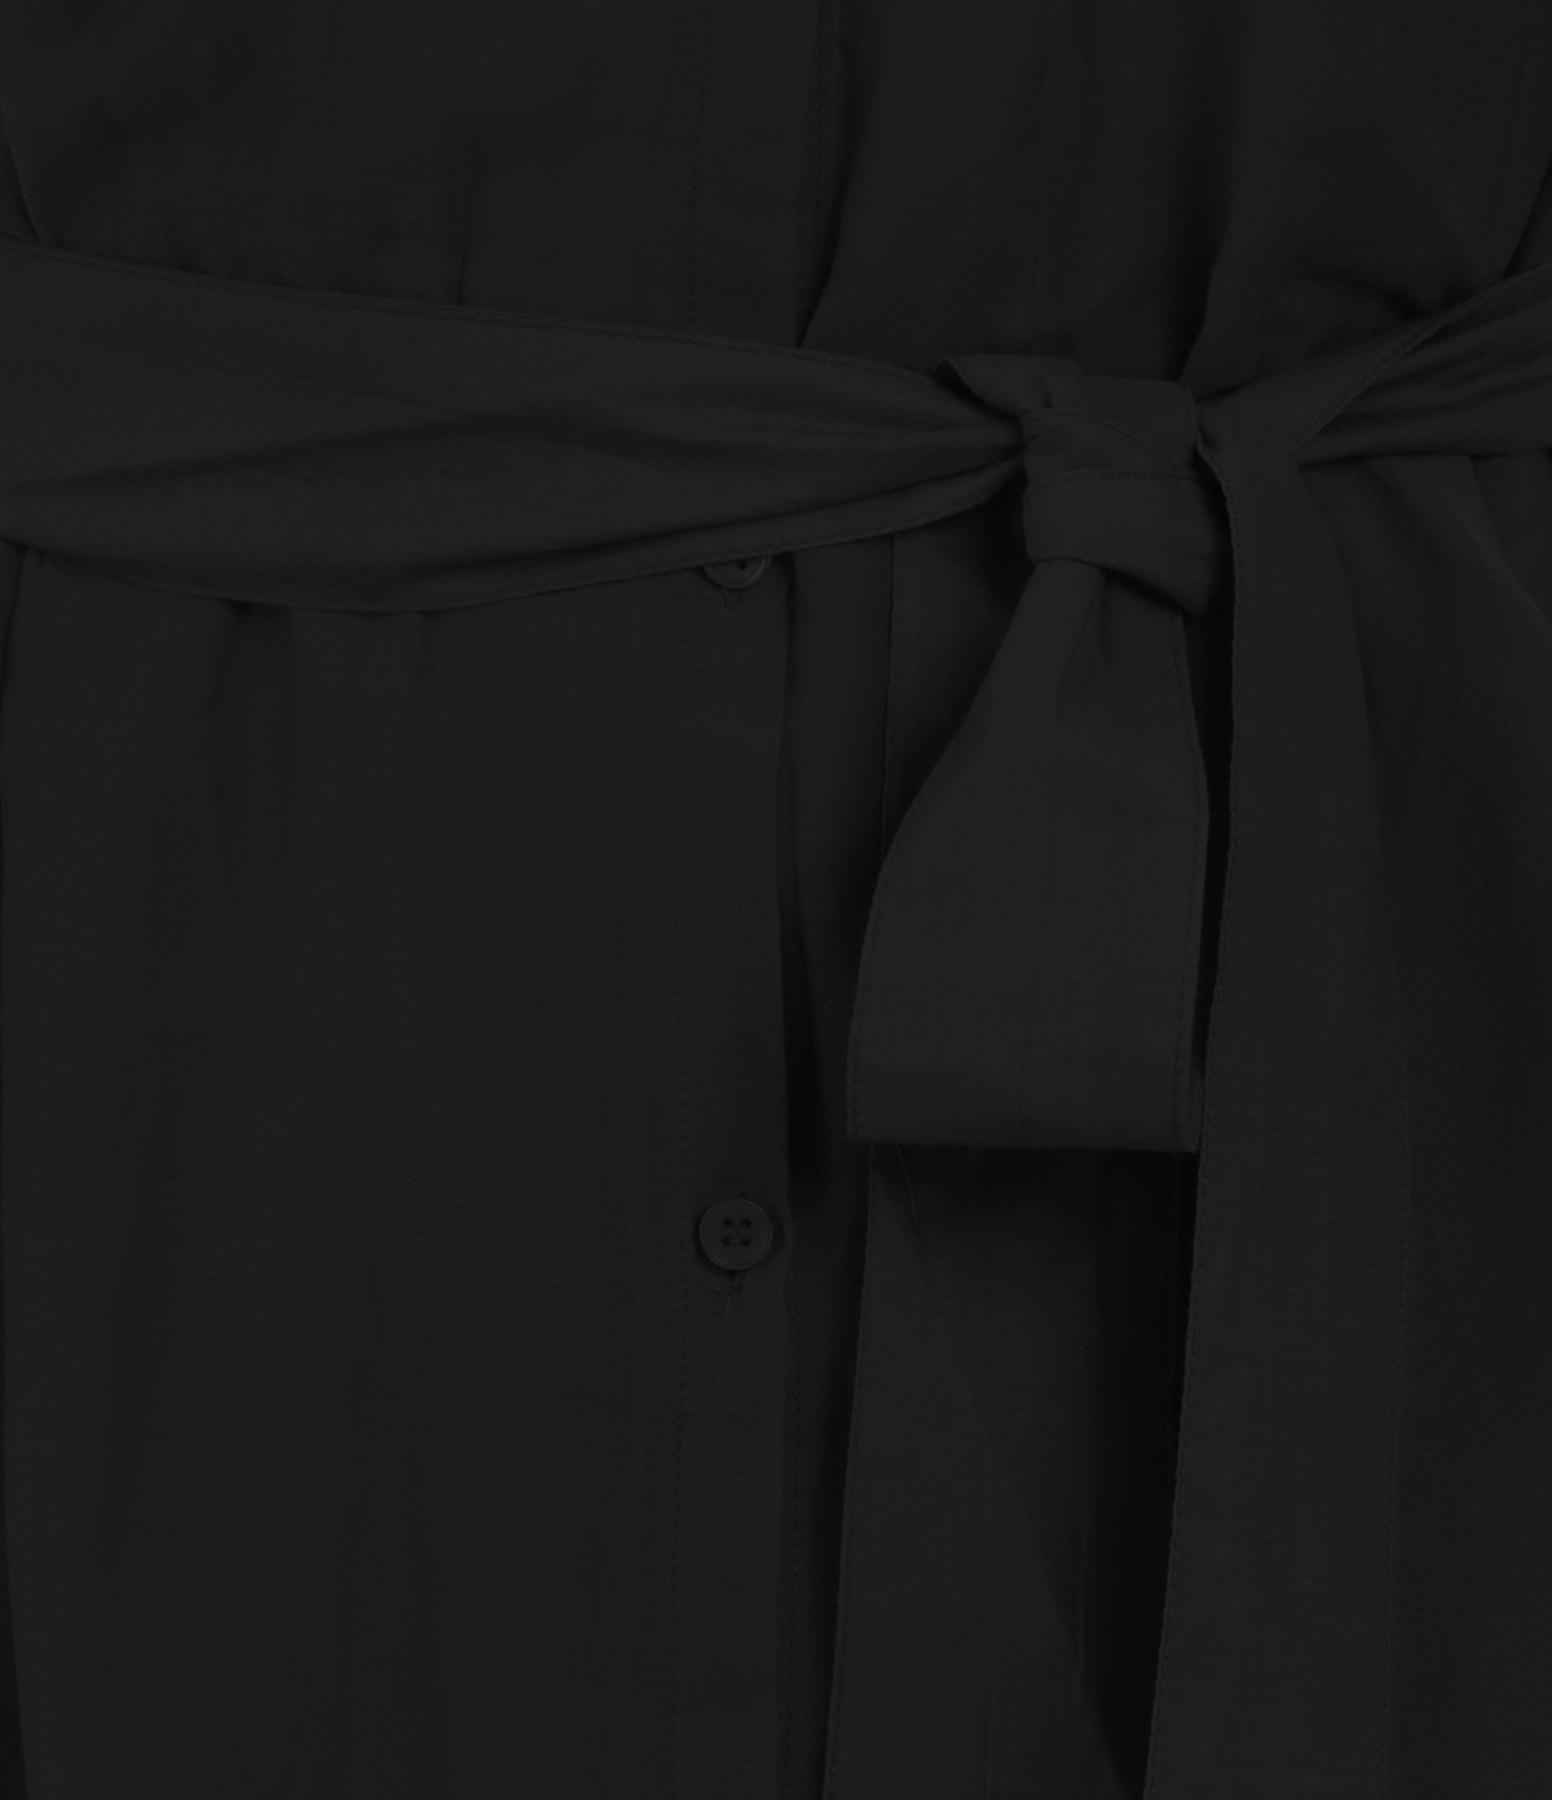 BELLE PIÈCE - Robe Richard Soie Coton Noir